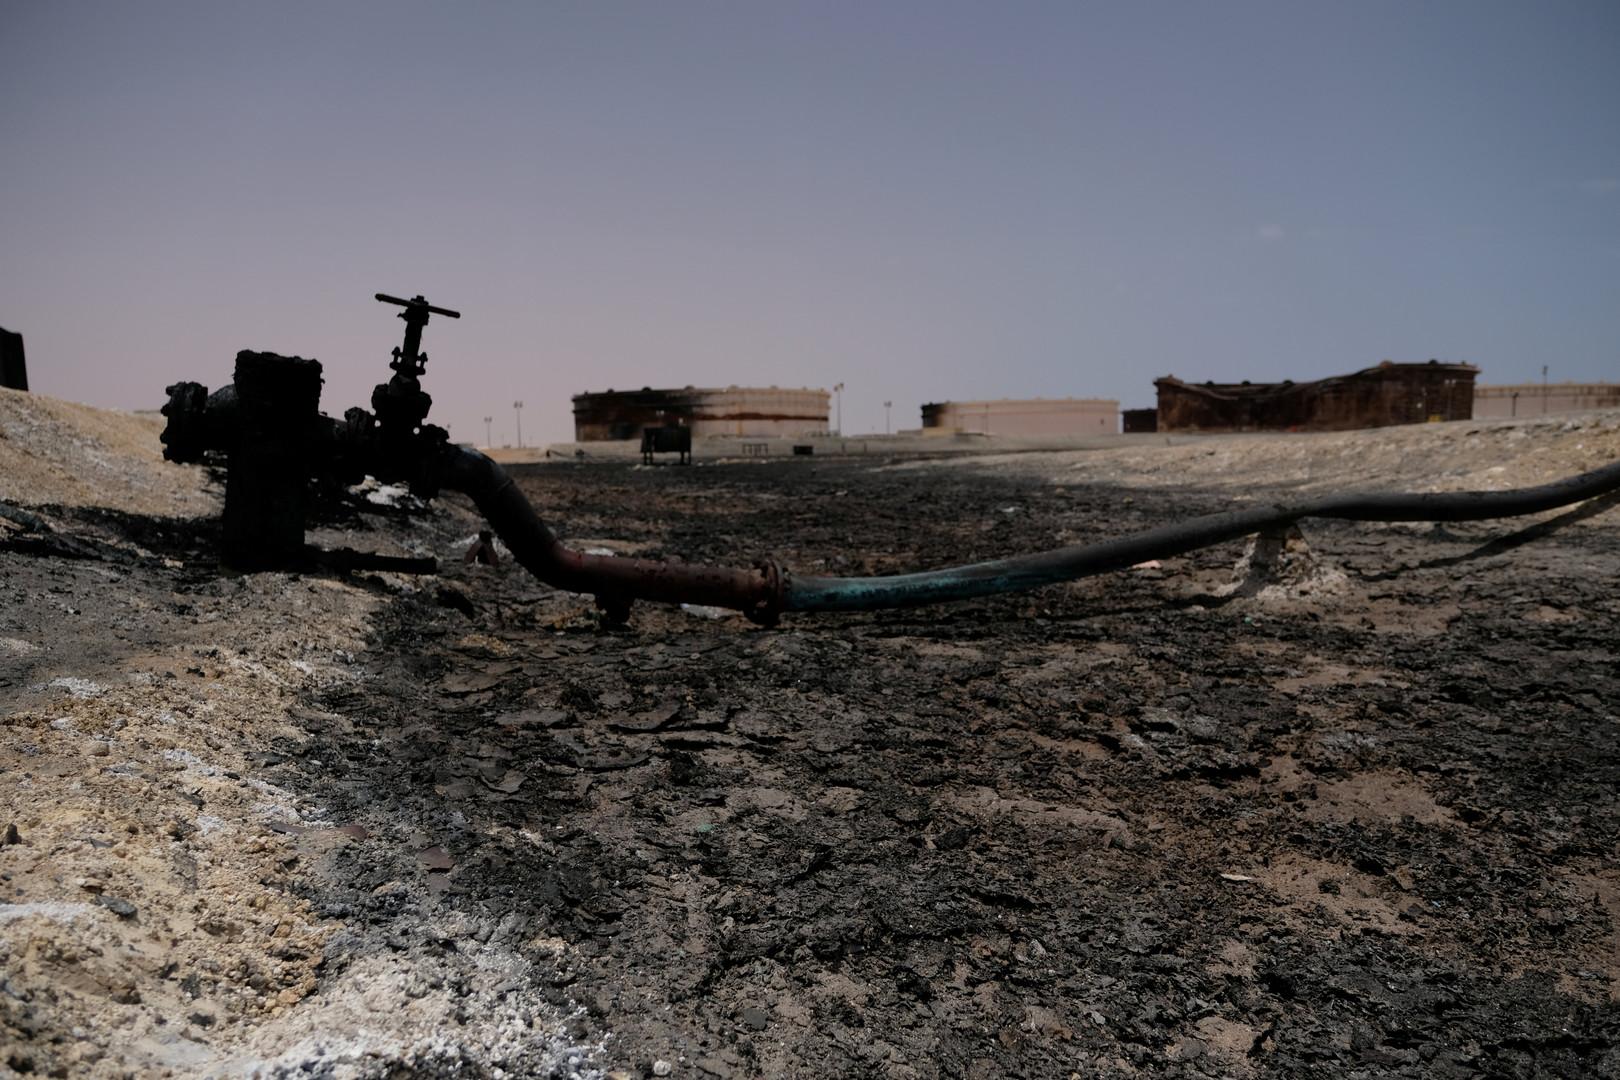 خزانات وأنابيب نفط متضررة جراء معارك في ميناء راس لانوف الليبي